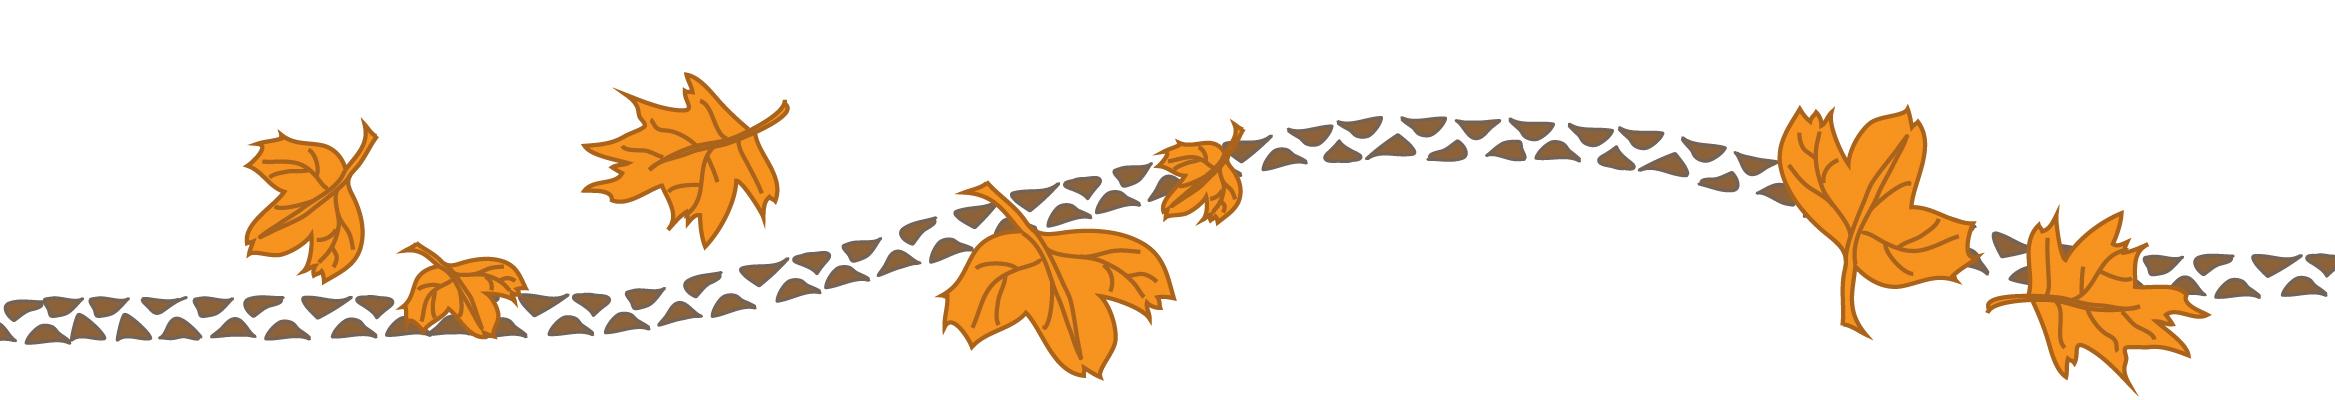 leaves-06.jpg